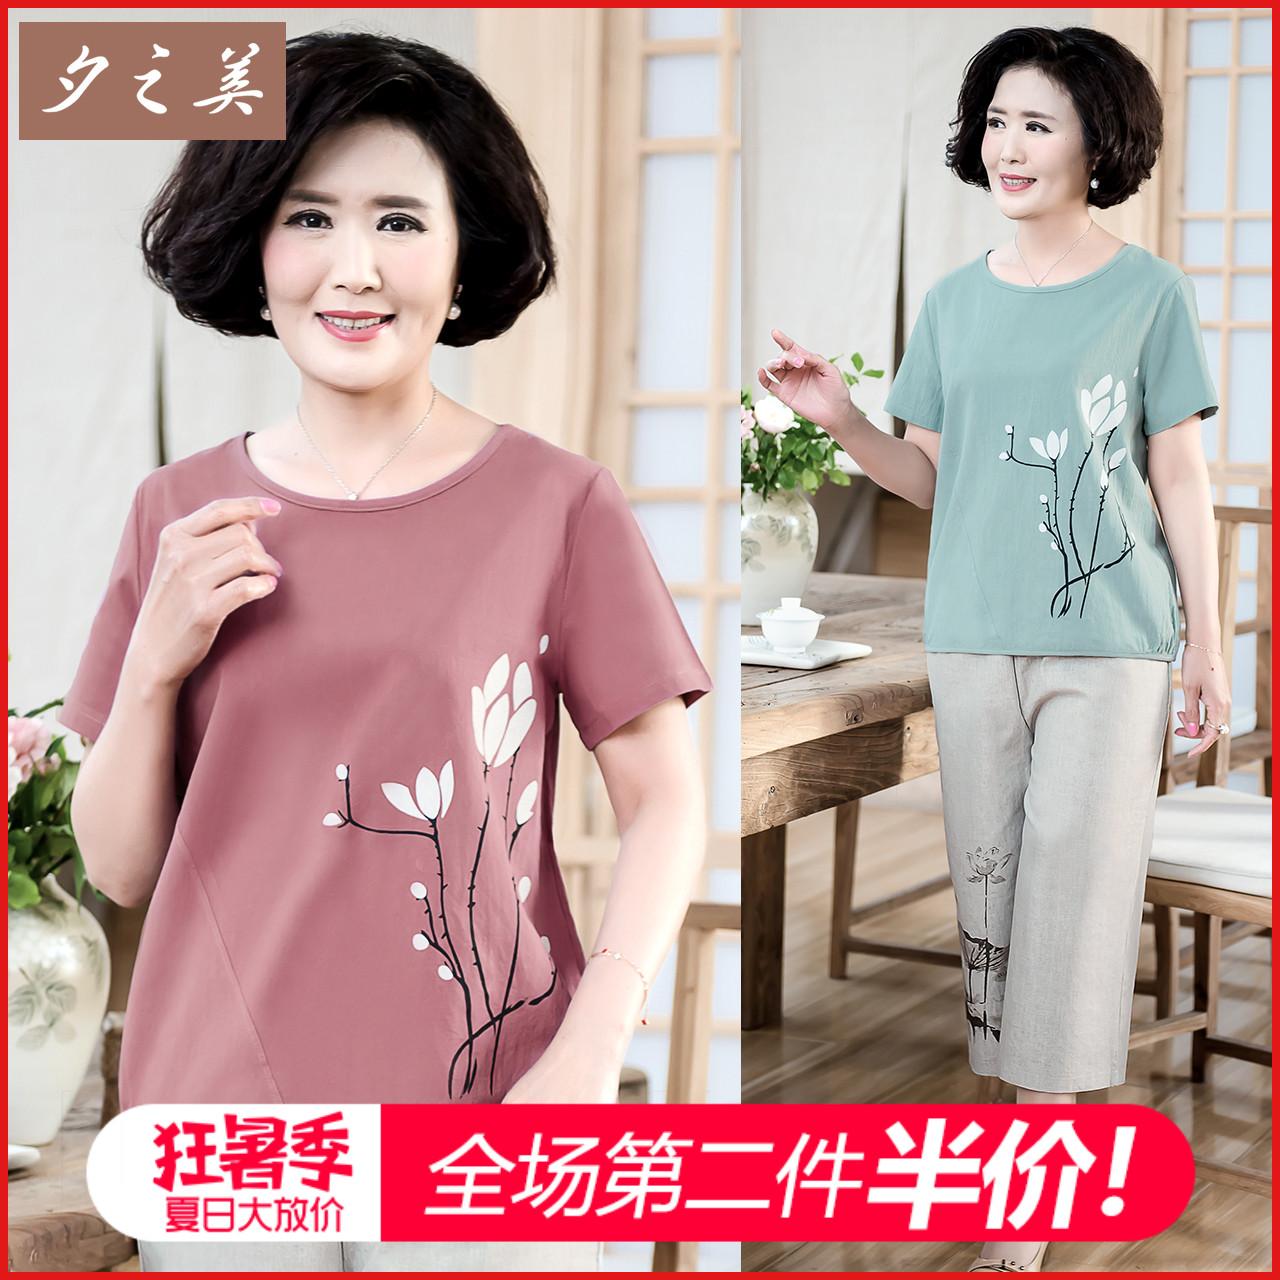 中老年女装夏季套装纯棉麻妈妈装短袖T恤裤子两件套老人奶奶衣服